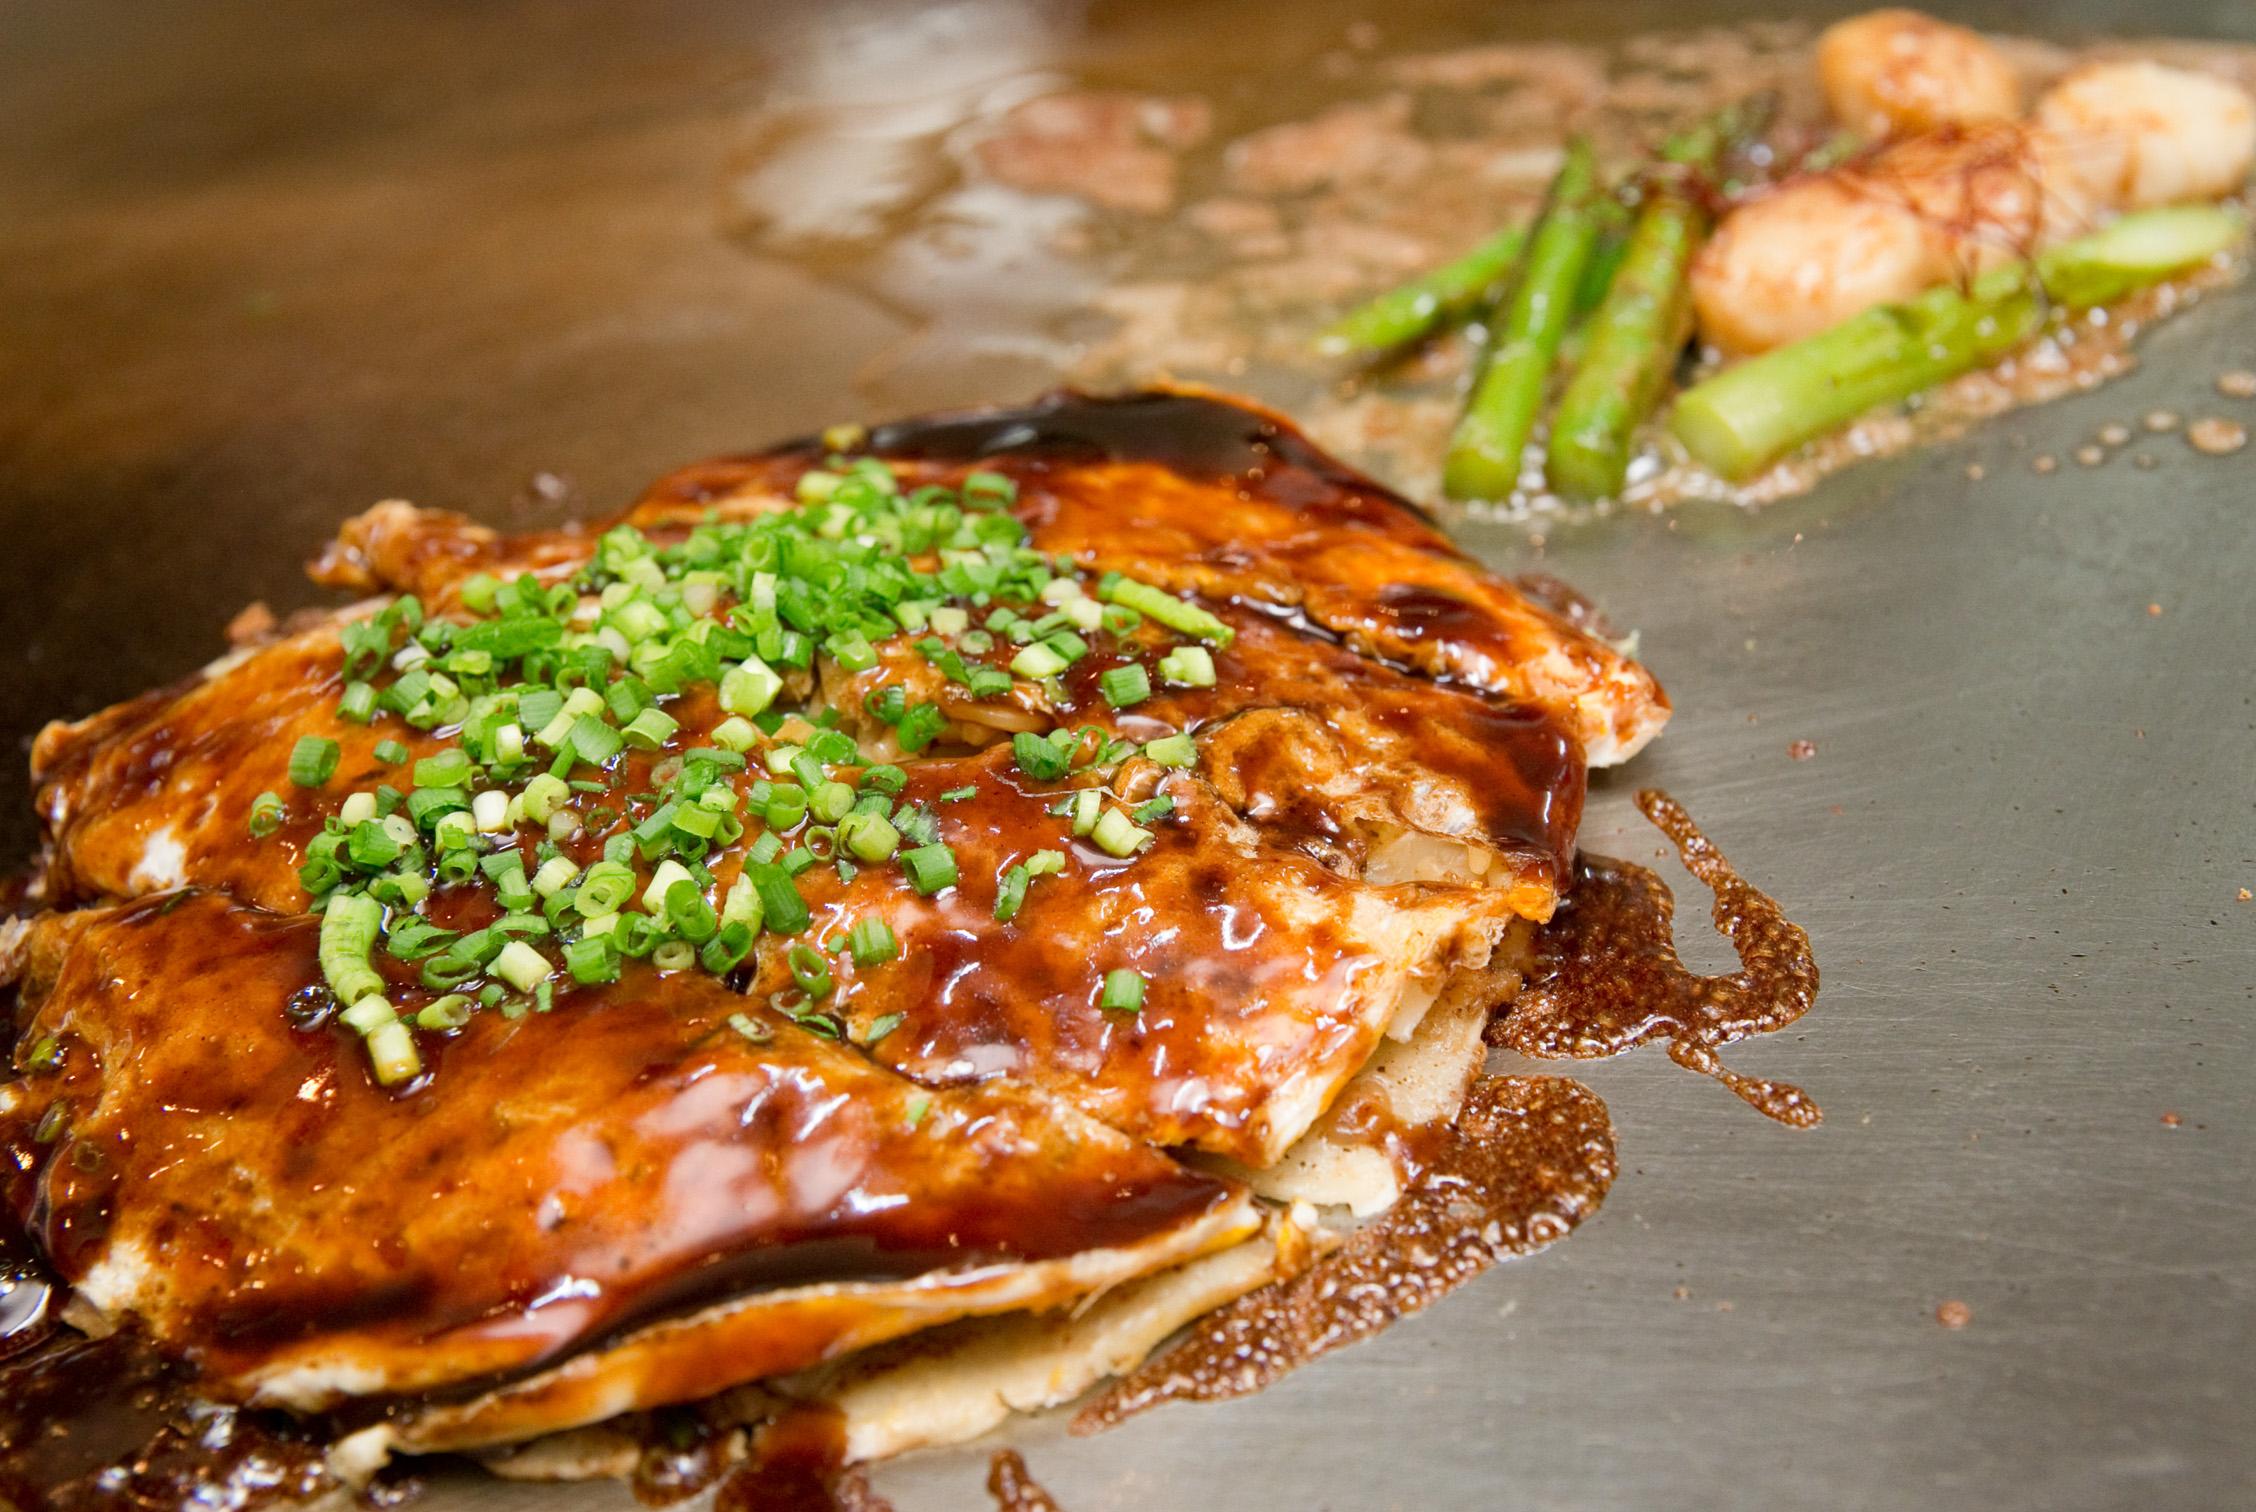 海鮮広島焼きの具材は貝柱、イカ、エビ、豚肉で海の幸の旨みが楽しめます。